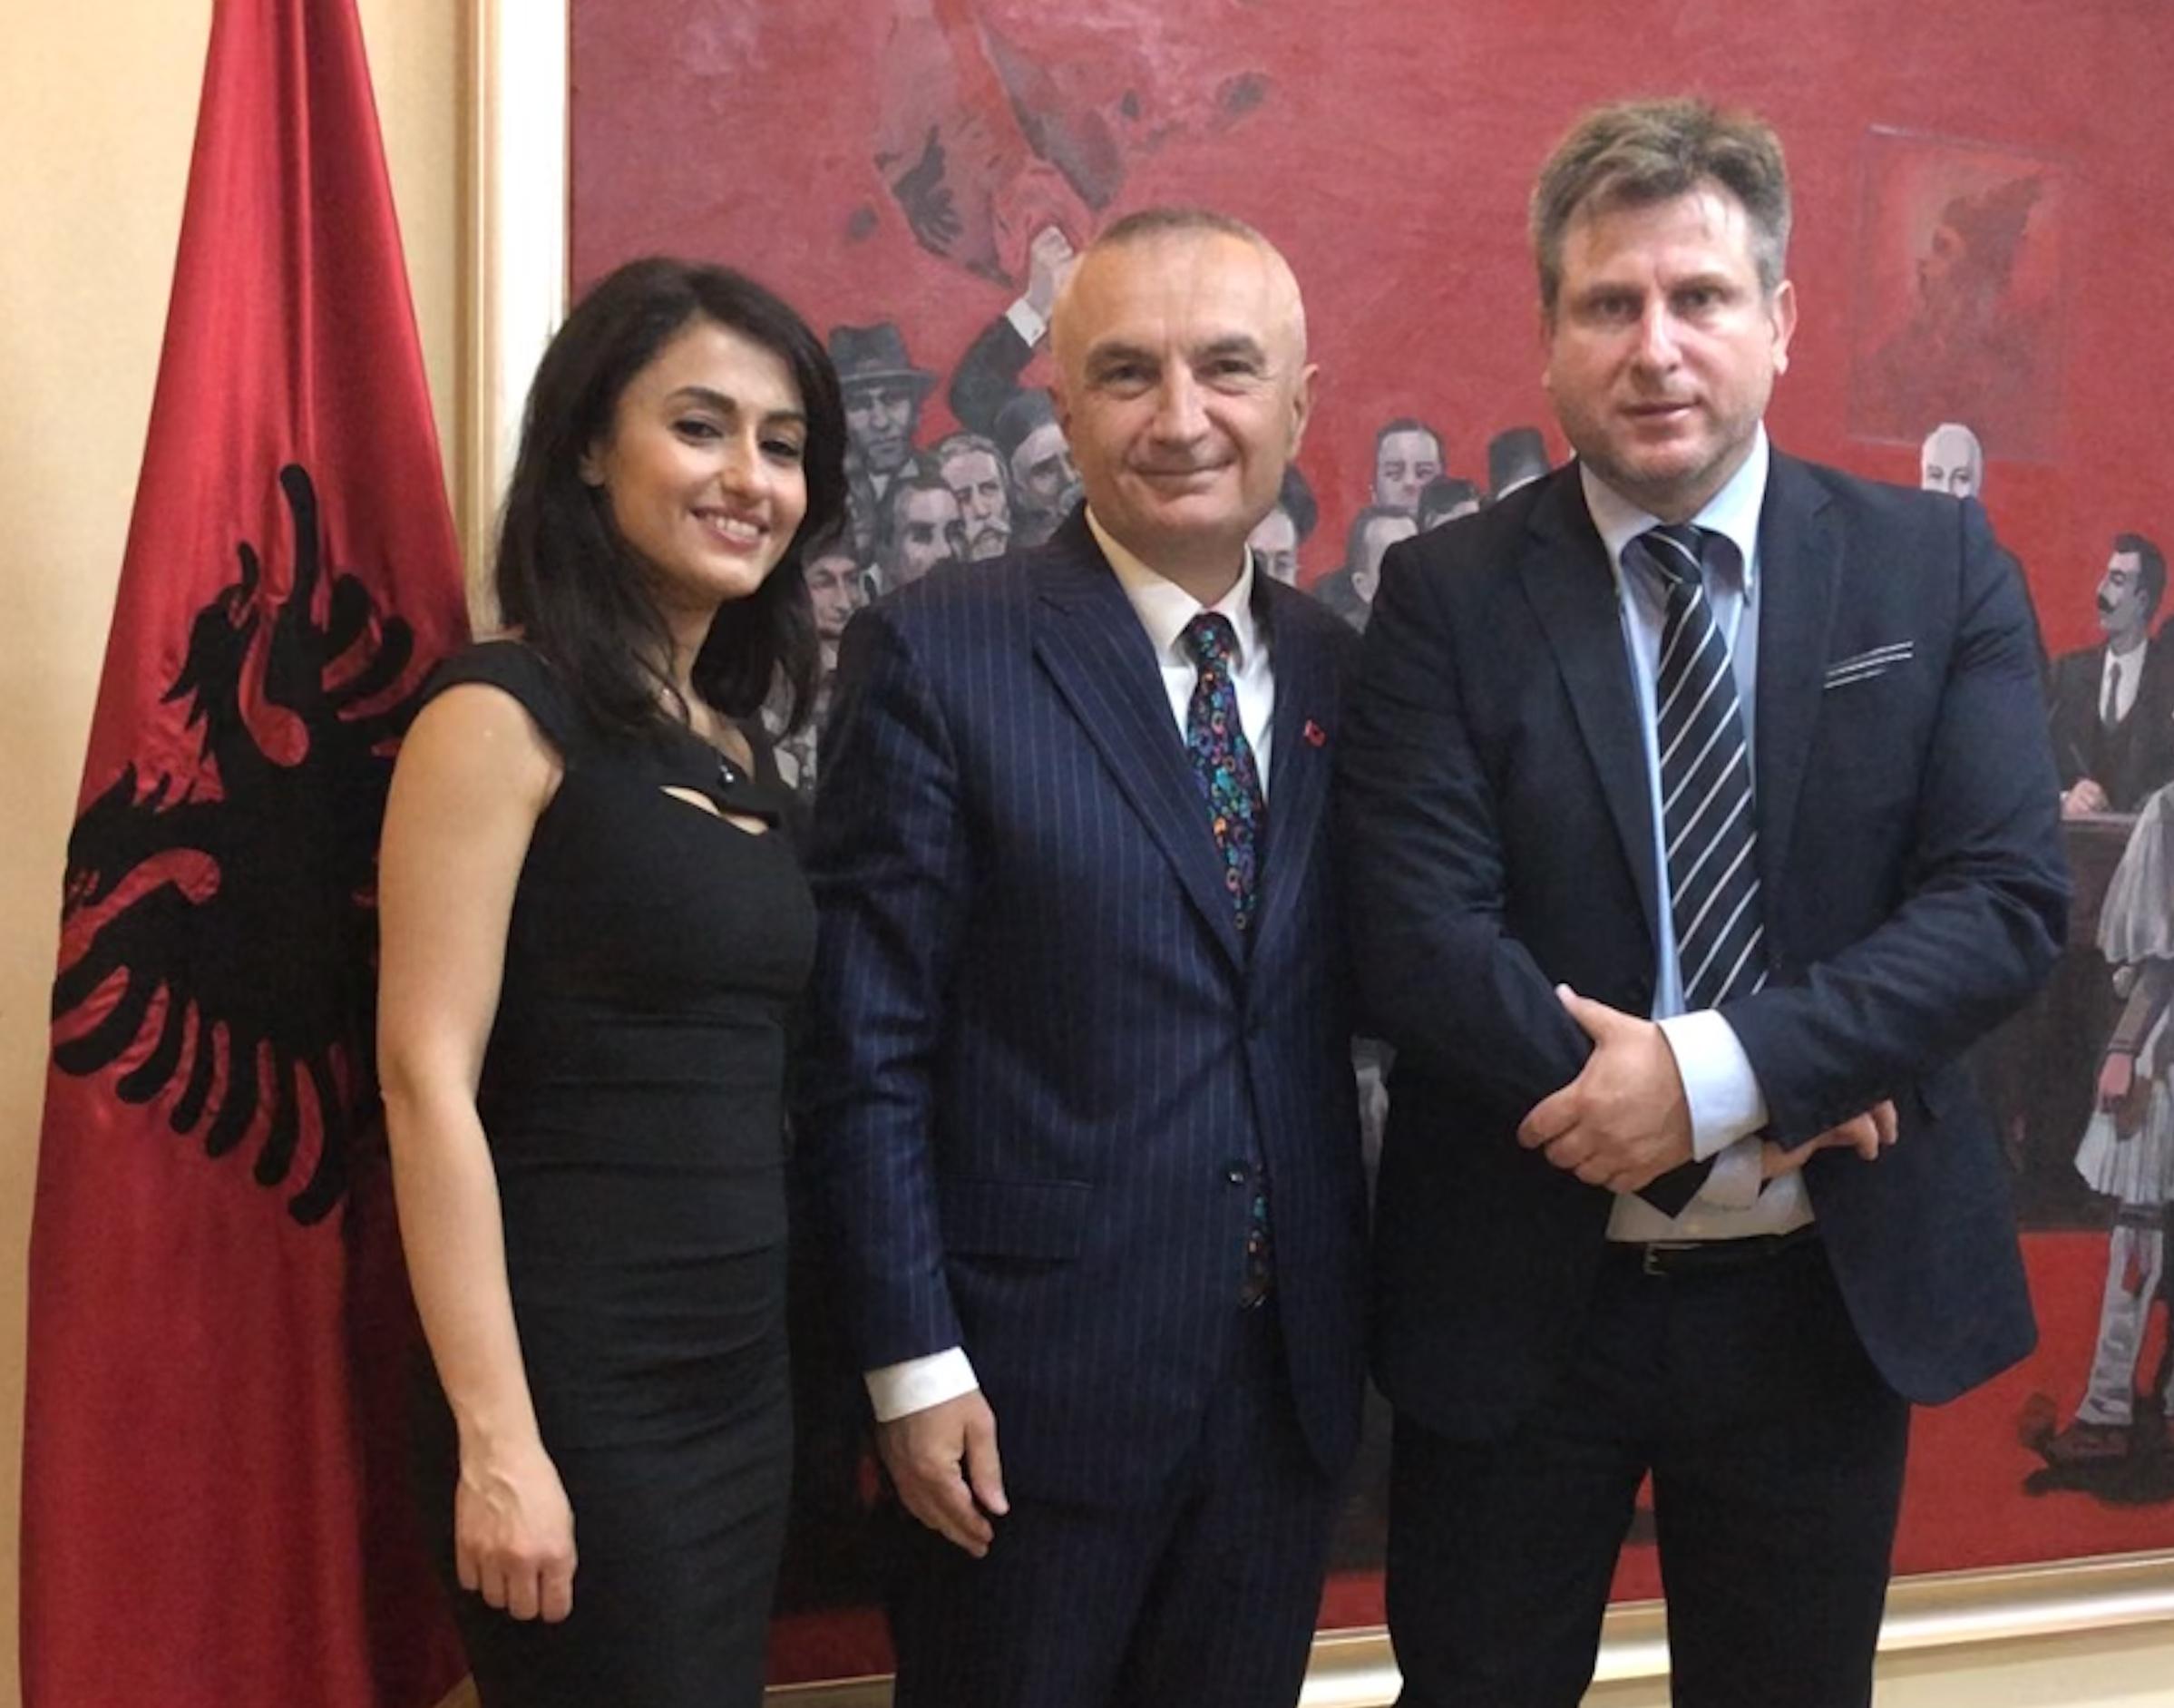 Da sx la regista Stefania Capobianco, il Capo di Stato d'Albania Ilir Meta, il regista Francesco Gagliardi